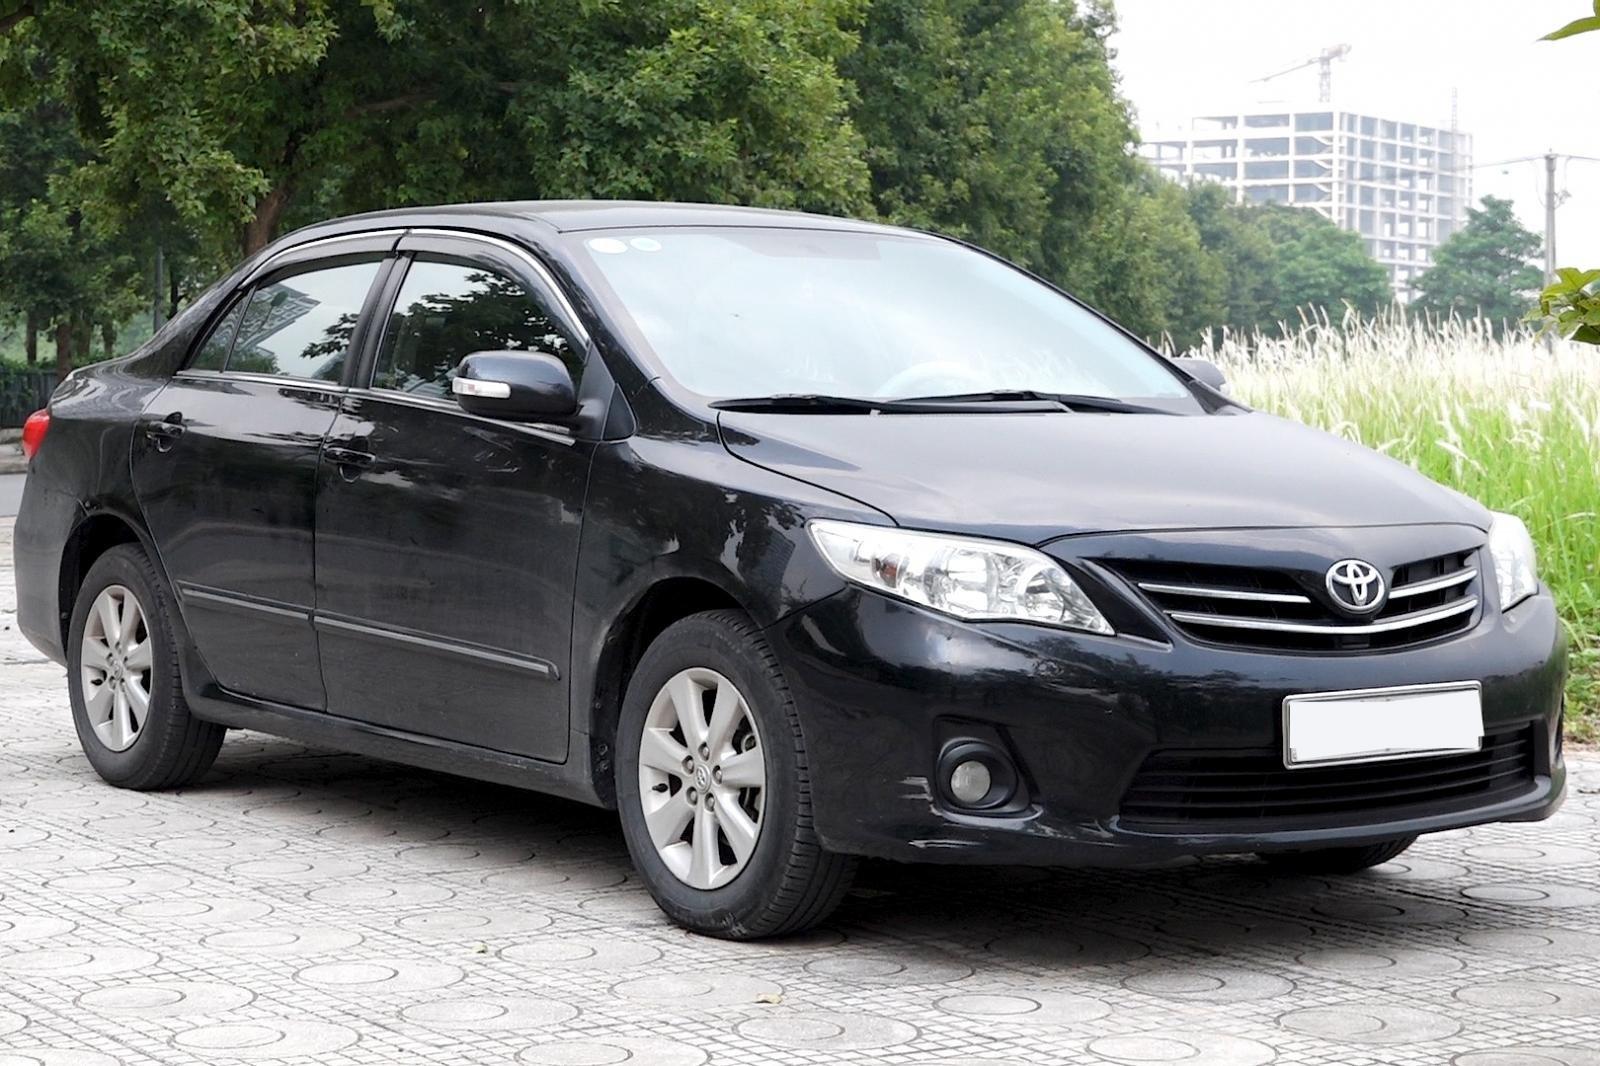 Tại Việt Nam, một chiếc ô tô mất đi từ 7-10% giá trị sau mỗi năm.